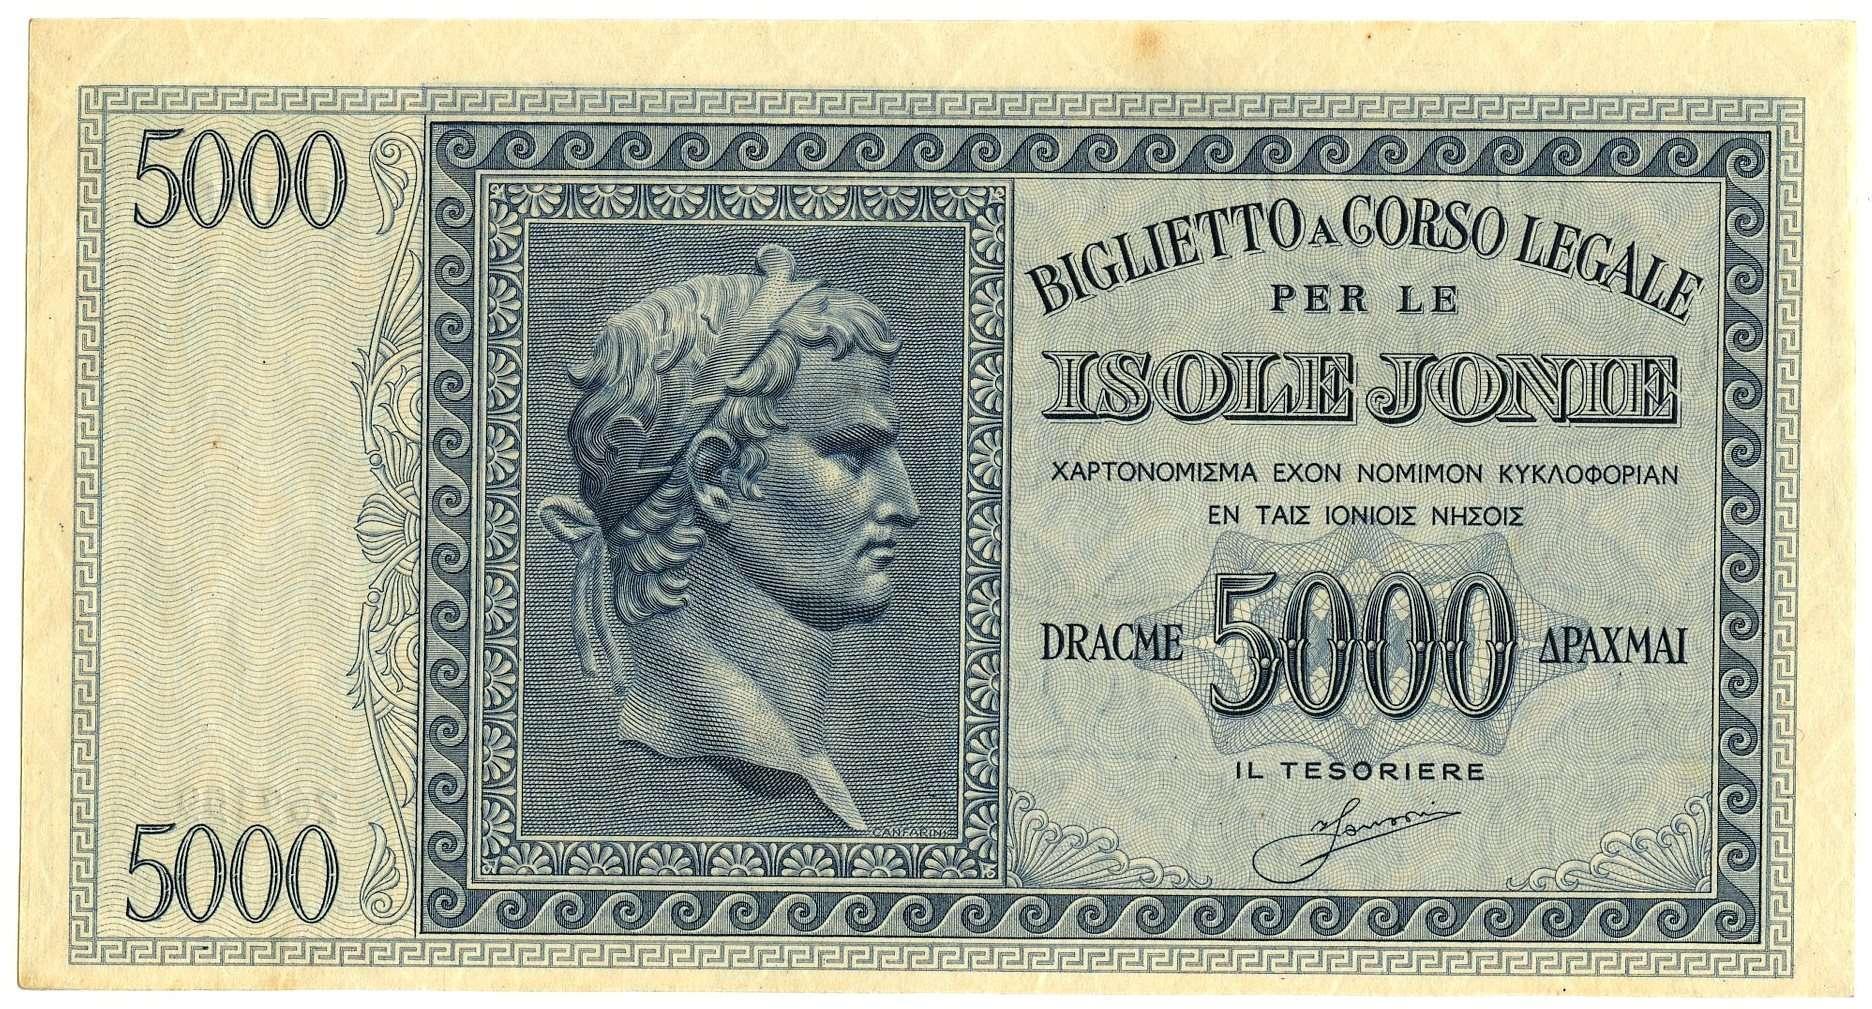 Χαρτονόμισμα επί γερμανικής κατοχής.